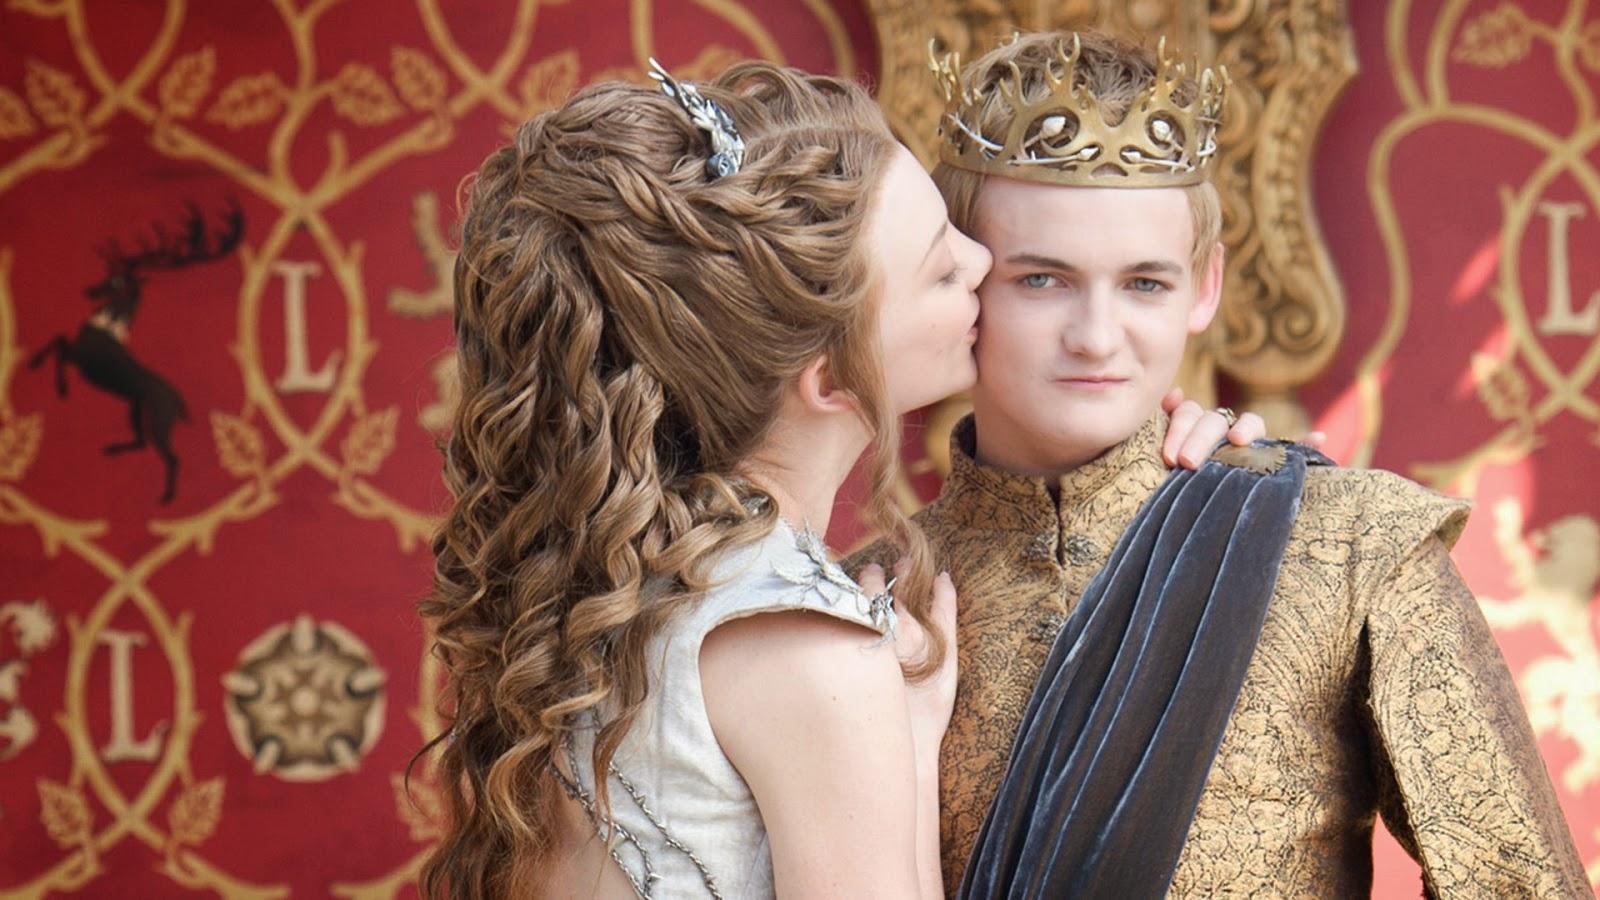 Game Of Thrones : Jack Gleeson Says Goodbye